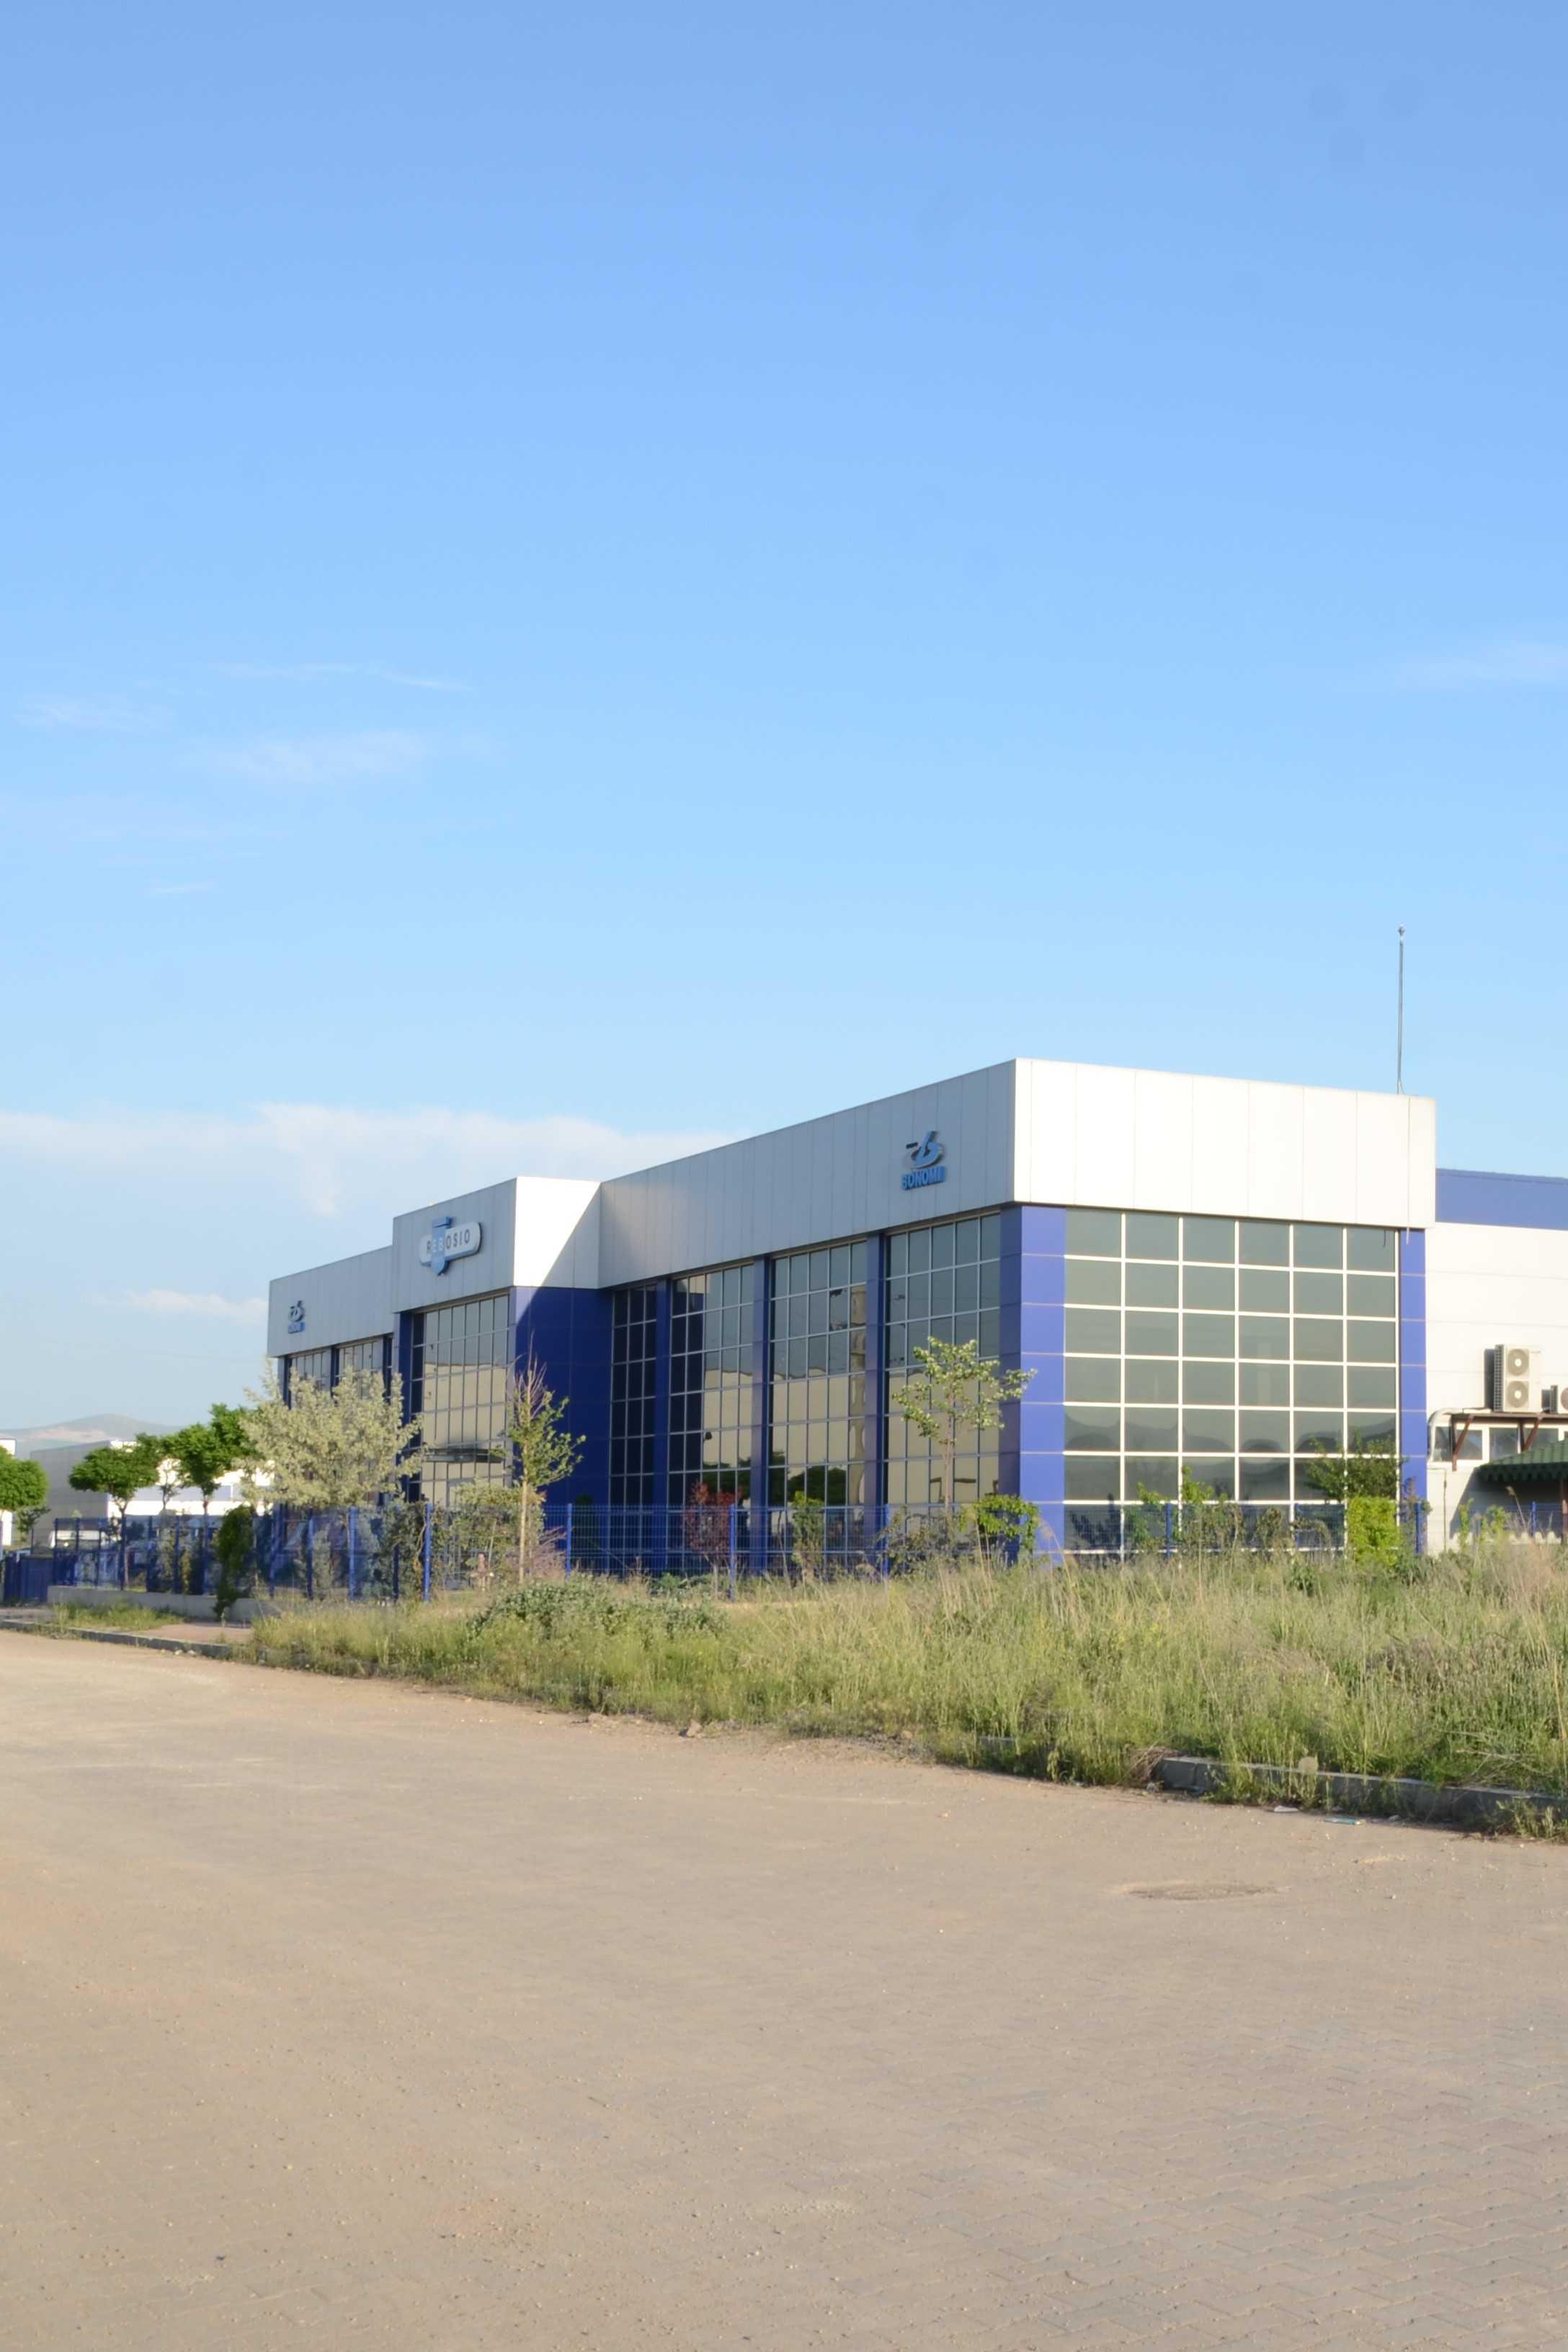 fabrika tadilatı